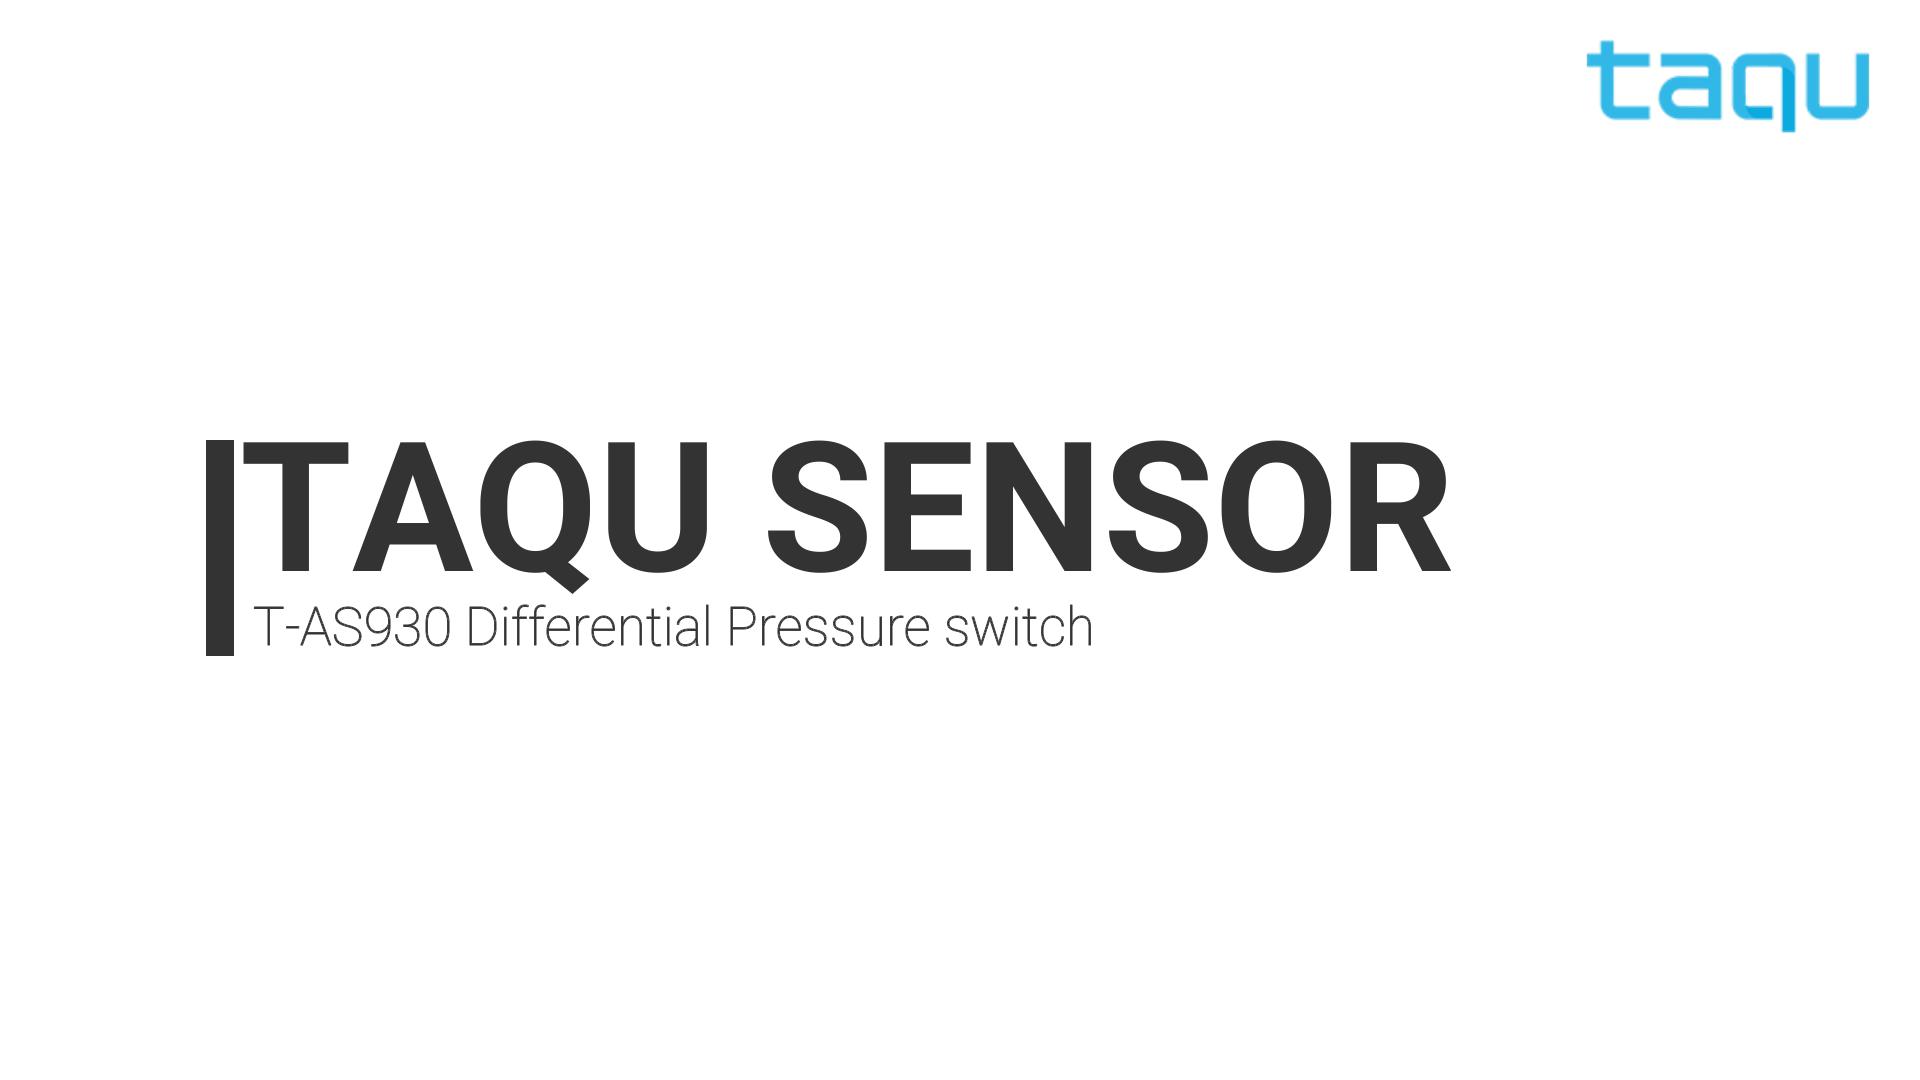 مفتاح الضغط التفاضلي تاكو 200, مفتاح ضغط هوائي بقدرة 20-باسكالتستخدم في أداء التمارين الرياضية DB10